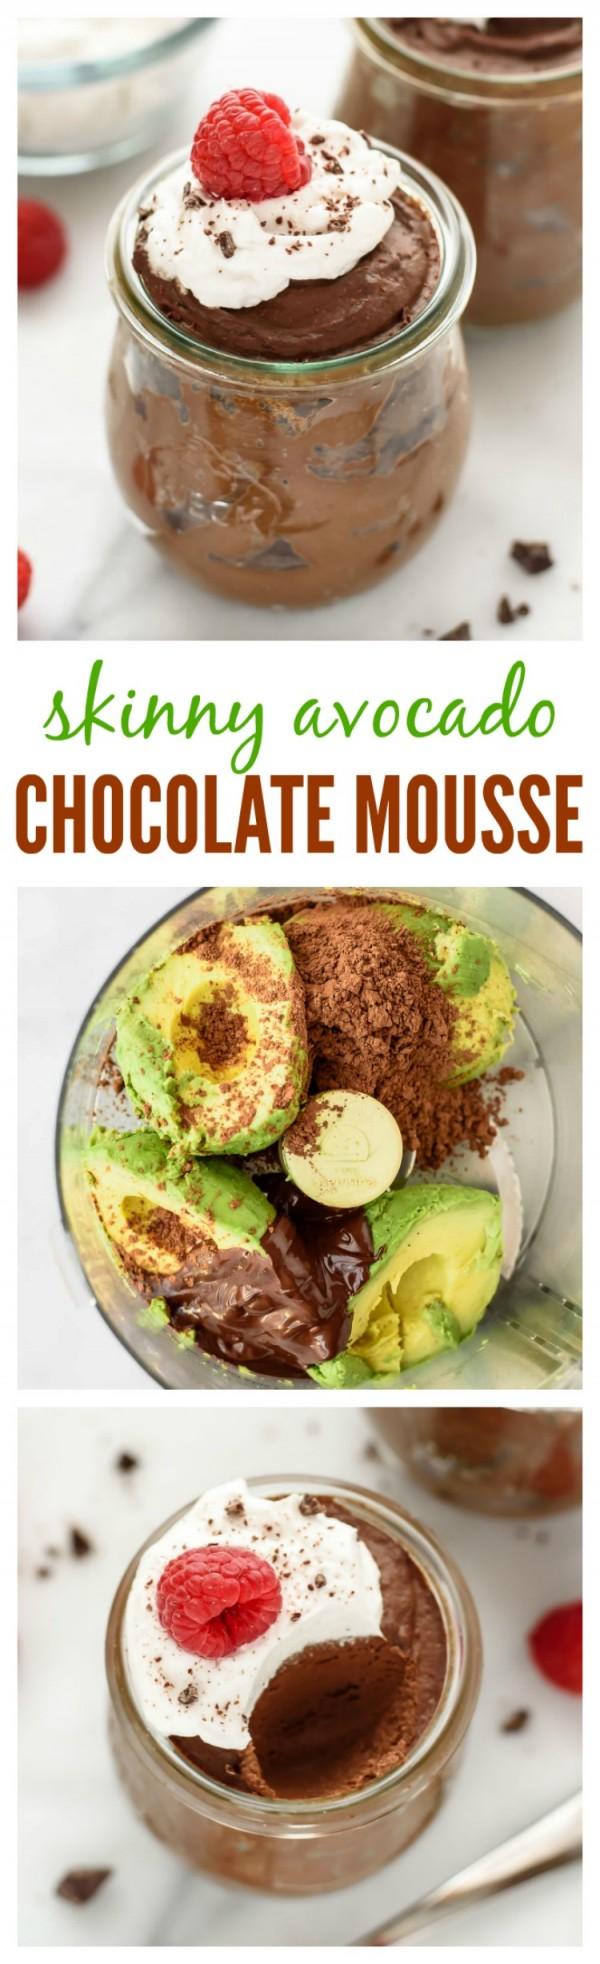 Get the recipe Skinny Avocado Chocolate Mousse @recipes_to_go